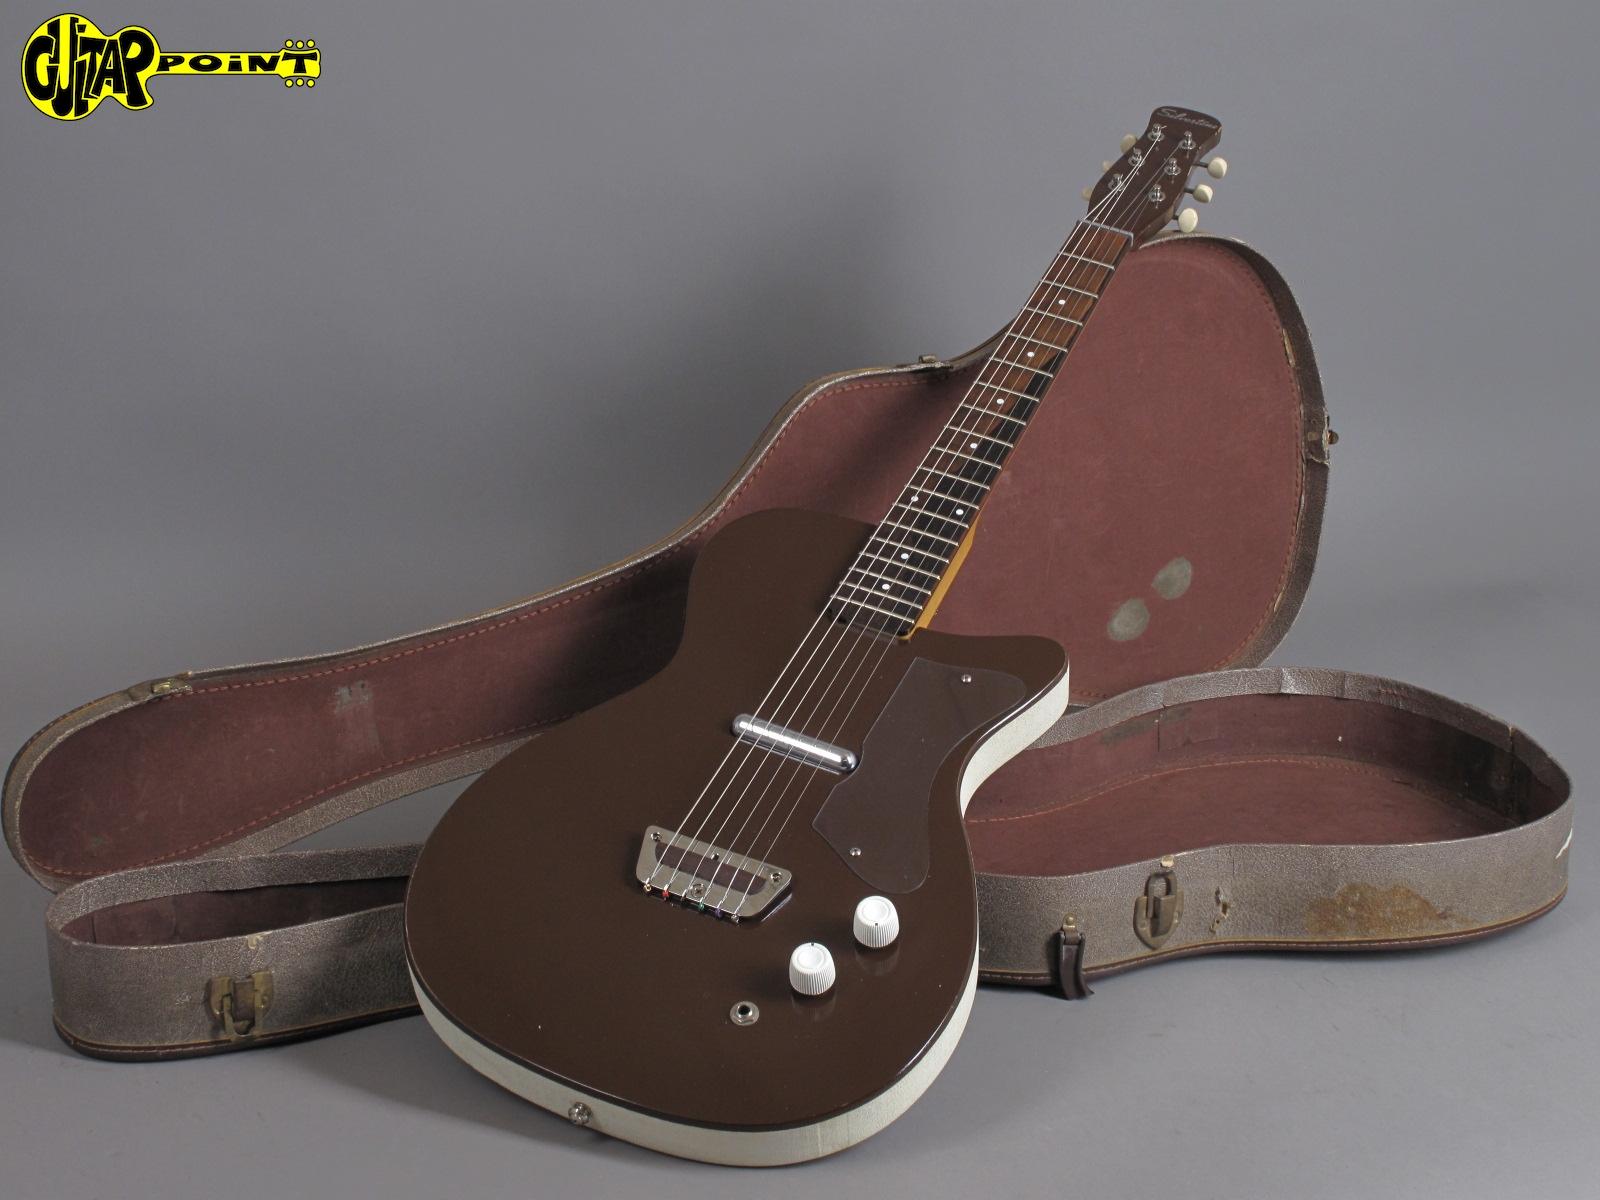 https://guitarpoint.de/app/uploads/products/1960-silvertone-u1-model-1415-maroon/Silvertone60U1Brown2100_16.jpg